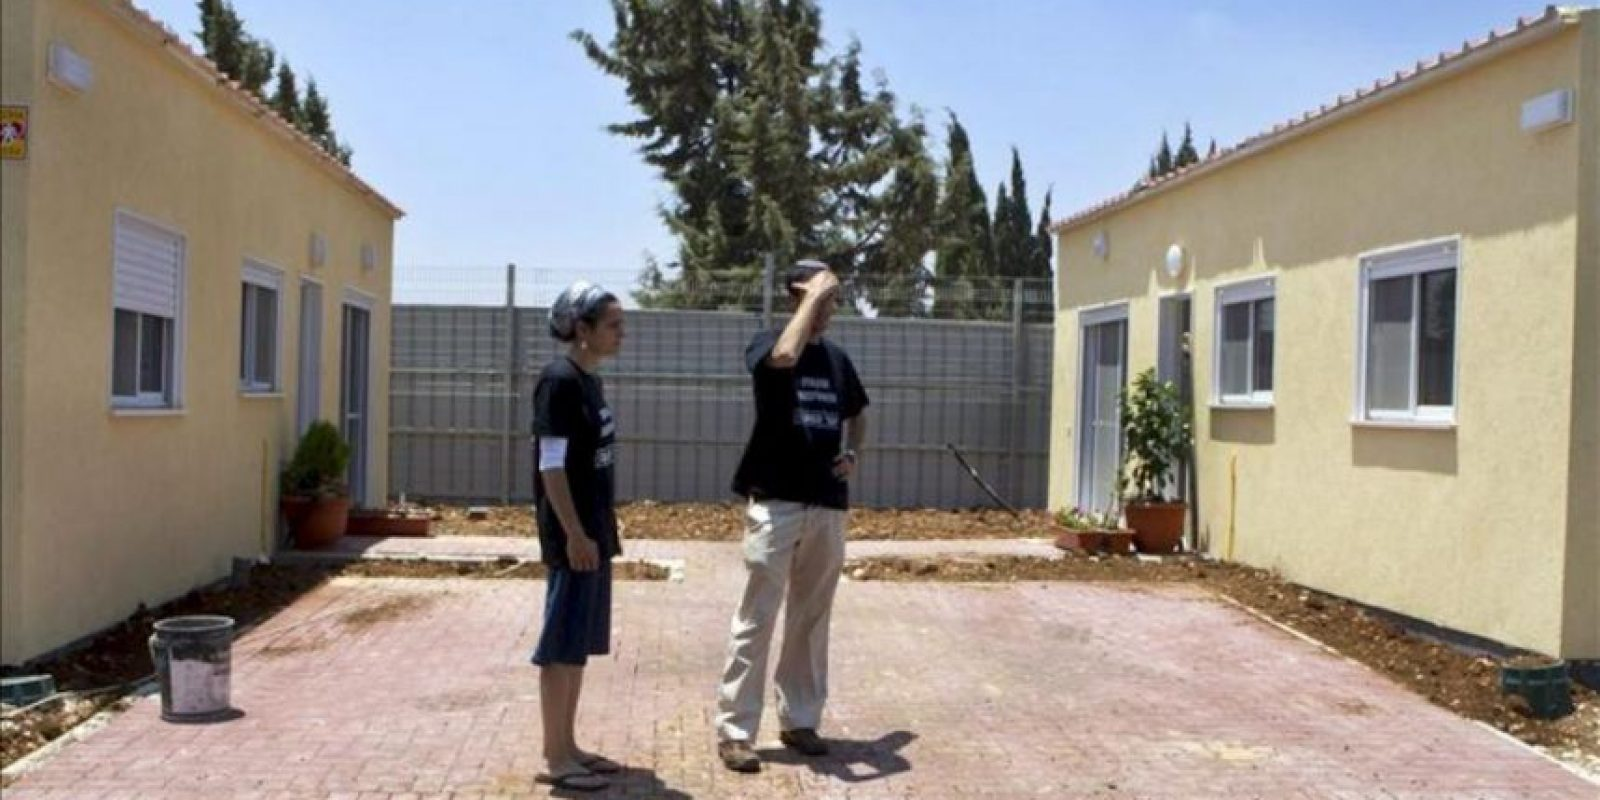 Una pareja de colonos del enclave de Ulpana, aledaño al de Bet El y cuyas casas fueron levantadas hace años en una parcela palestina privada cerca de Ramala, se instalan en unas viviendas después de abandonar las suyas de forma voluntaria en cumplimiento de un acuerdo con el gobierno del primer ministro, Benjamín Netanyahu. EFE